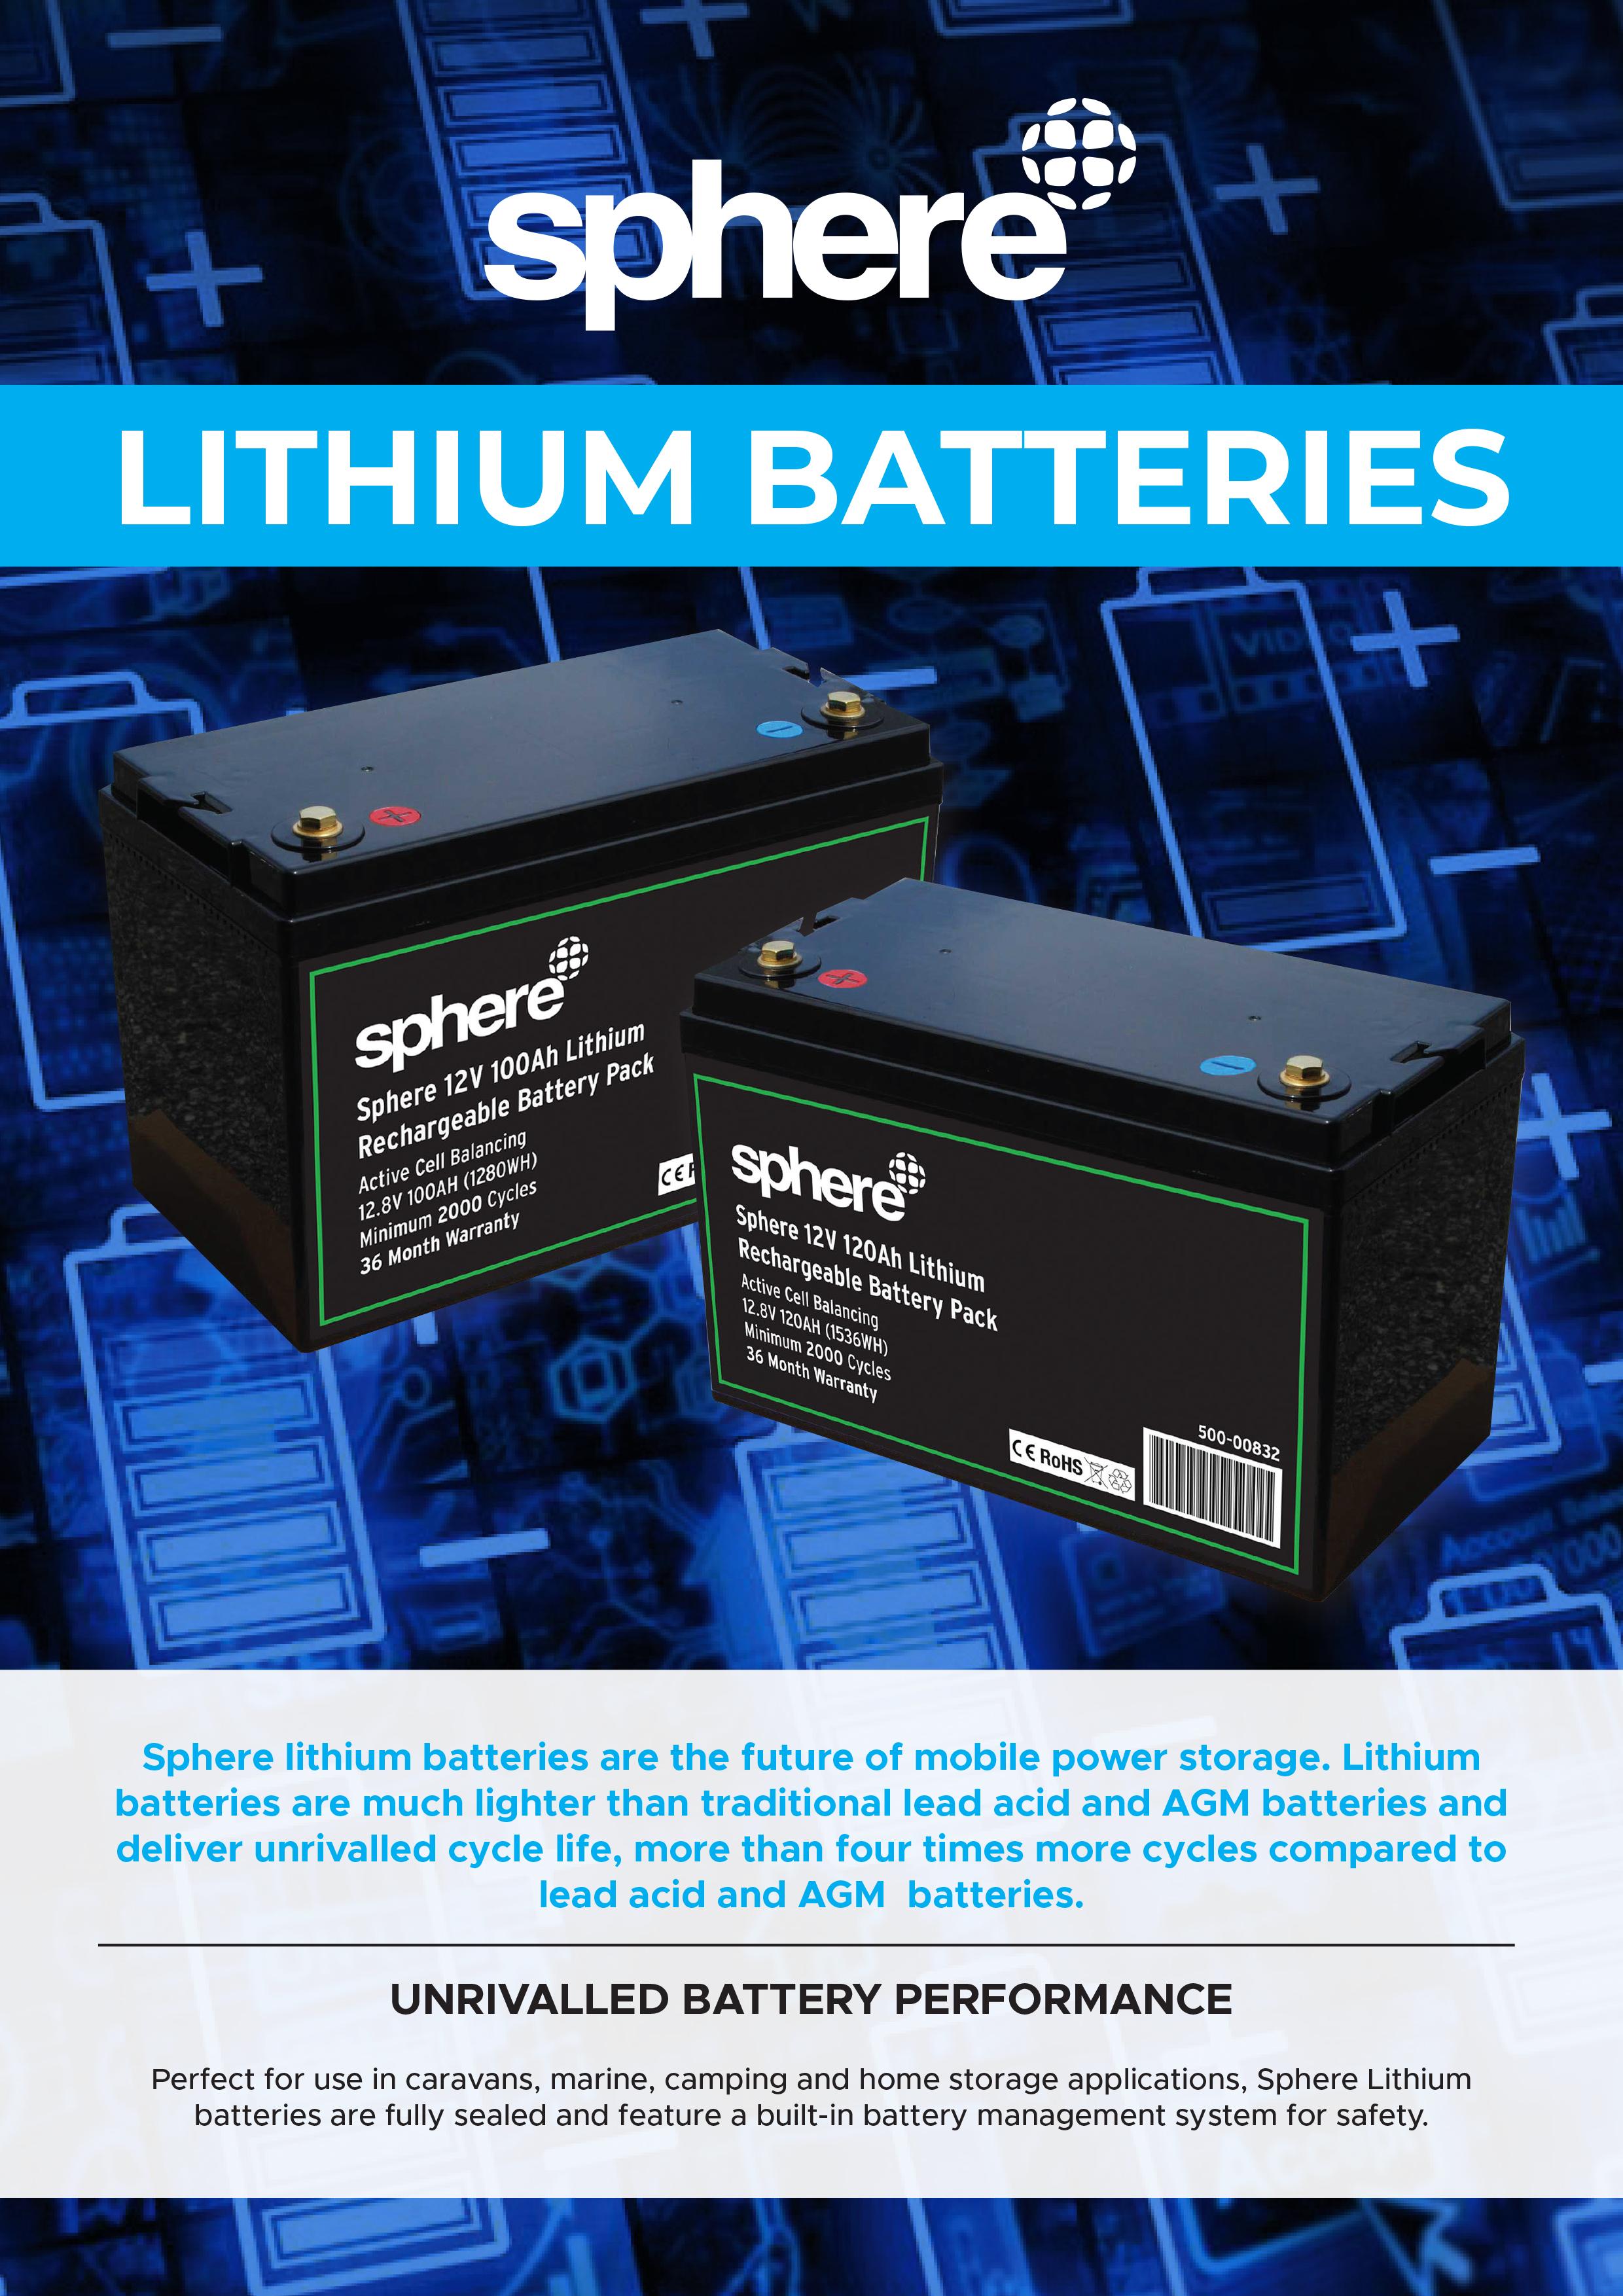 Sphere Lithium Batteries